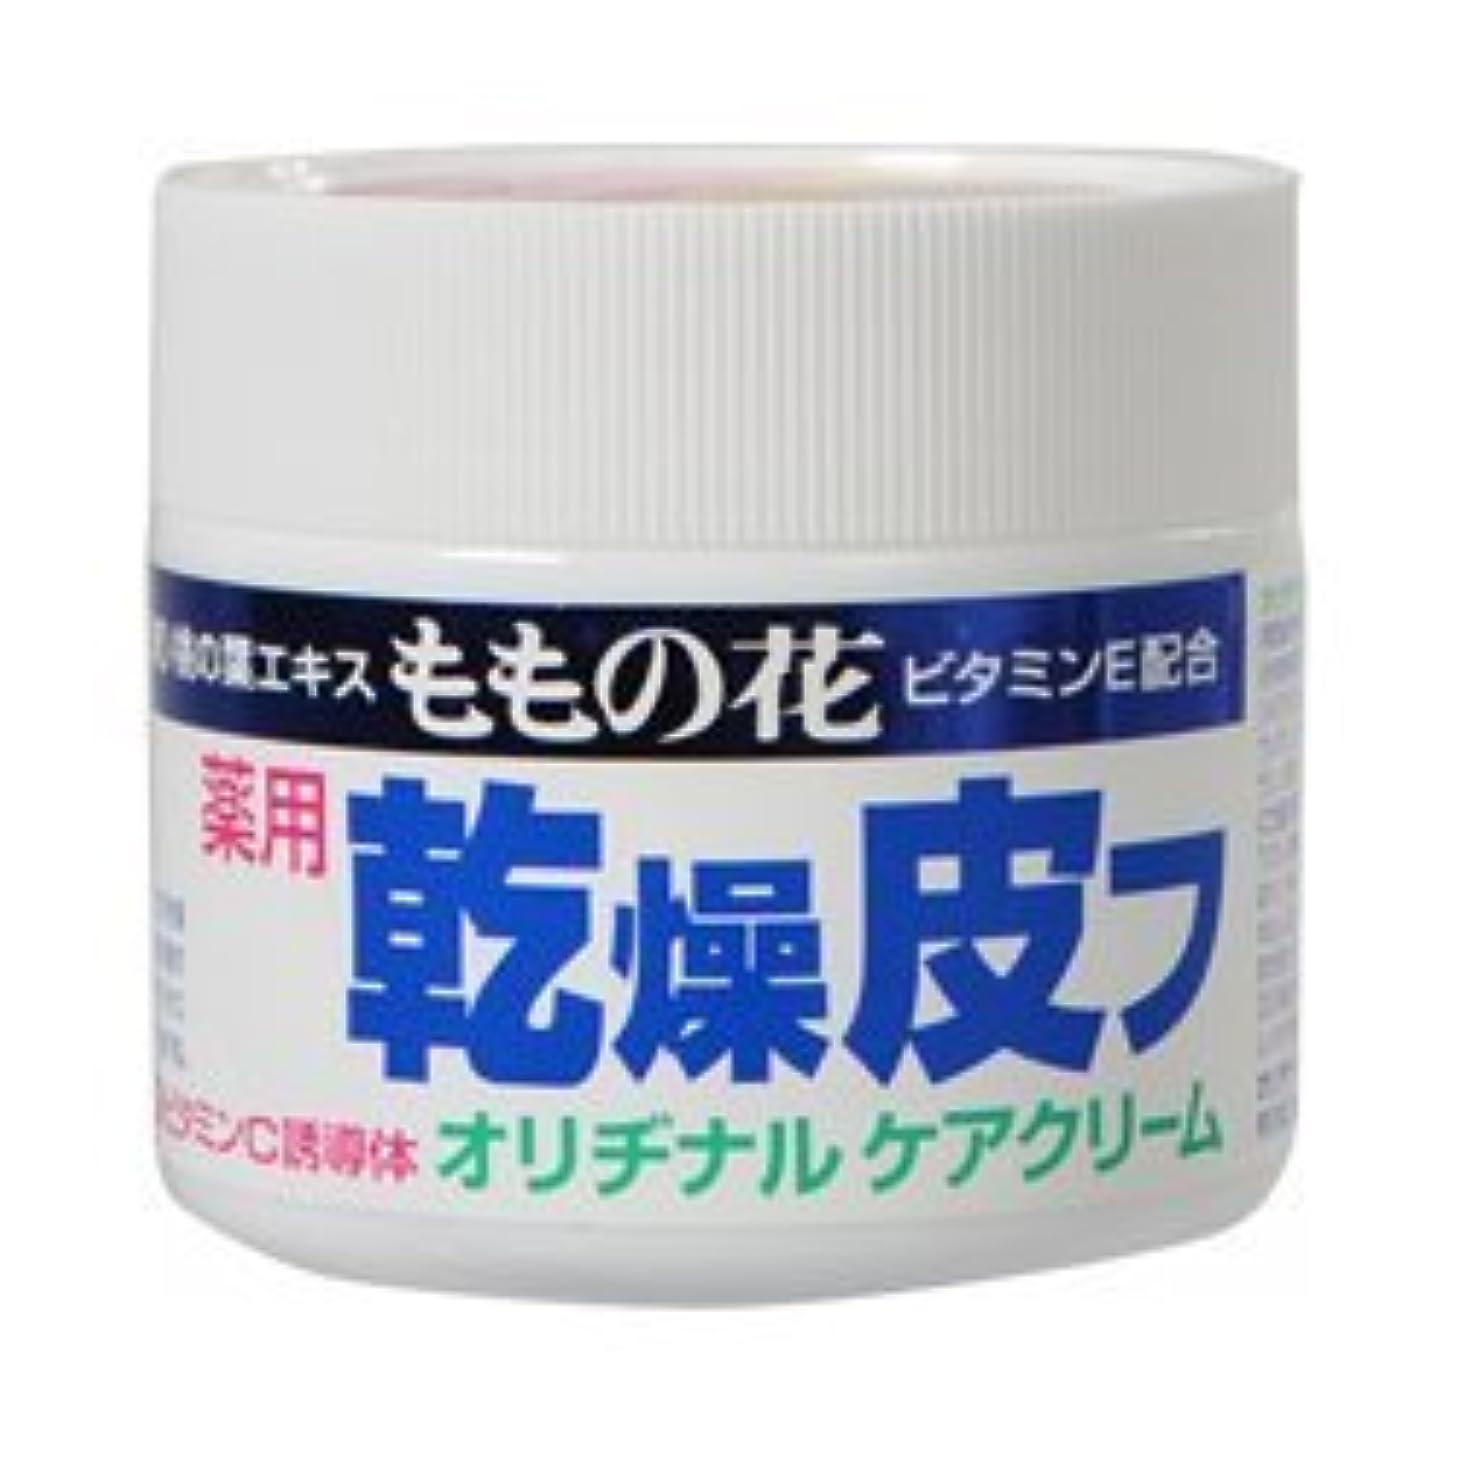 【オリヂナル】ももの花乾燥皮フクリームC 70g ×3個セット